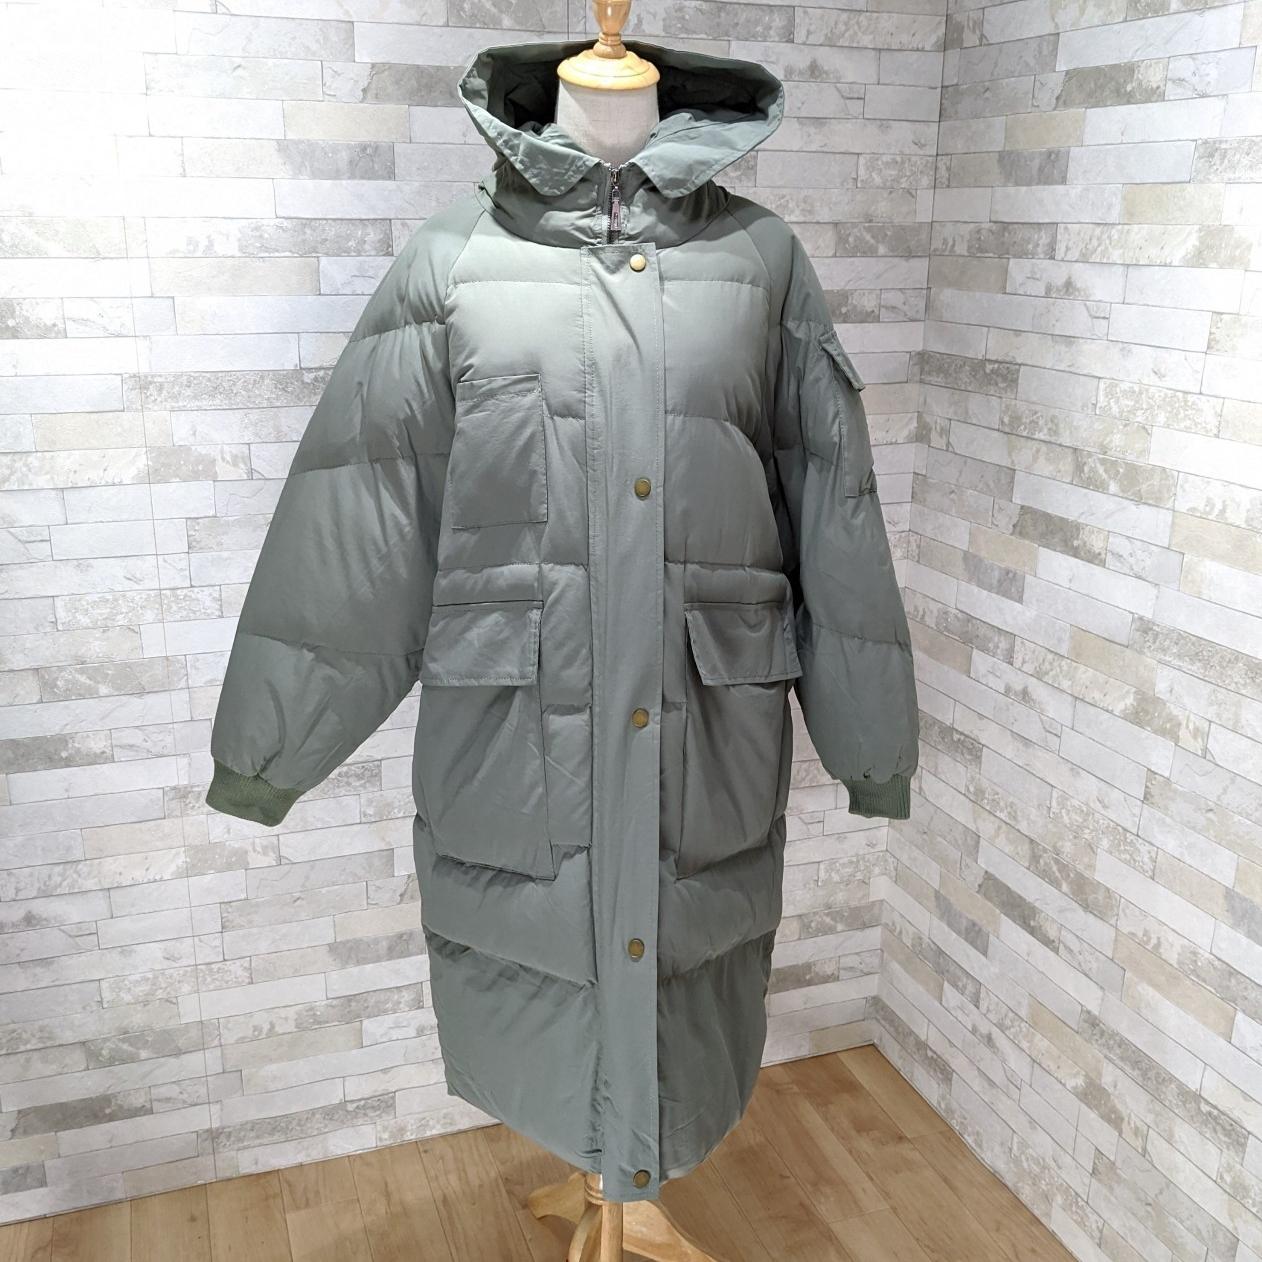 【即納】韓国 ファッション アウター ダウンジャケット ダウンコート 秋 冬 カジュアル SPTXD596  ペールカラー もこもこ ロング オーバーサイズ エコ オルチャン シンプル 定番 セレカジの写真13枚目